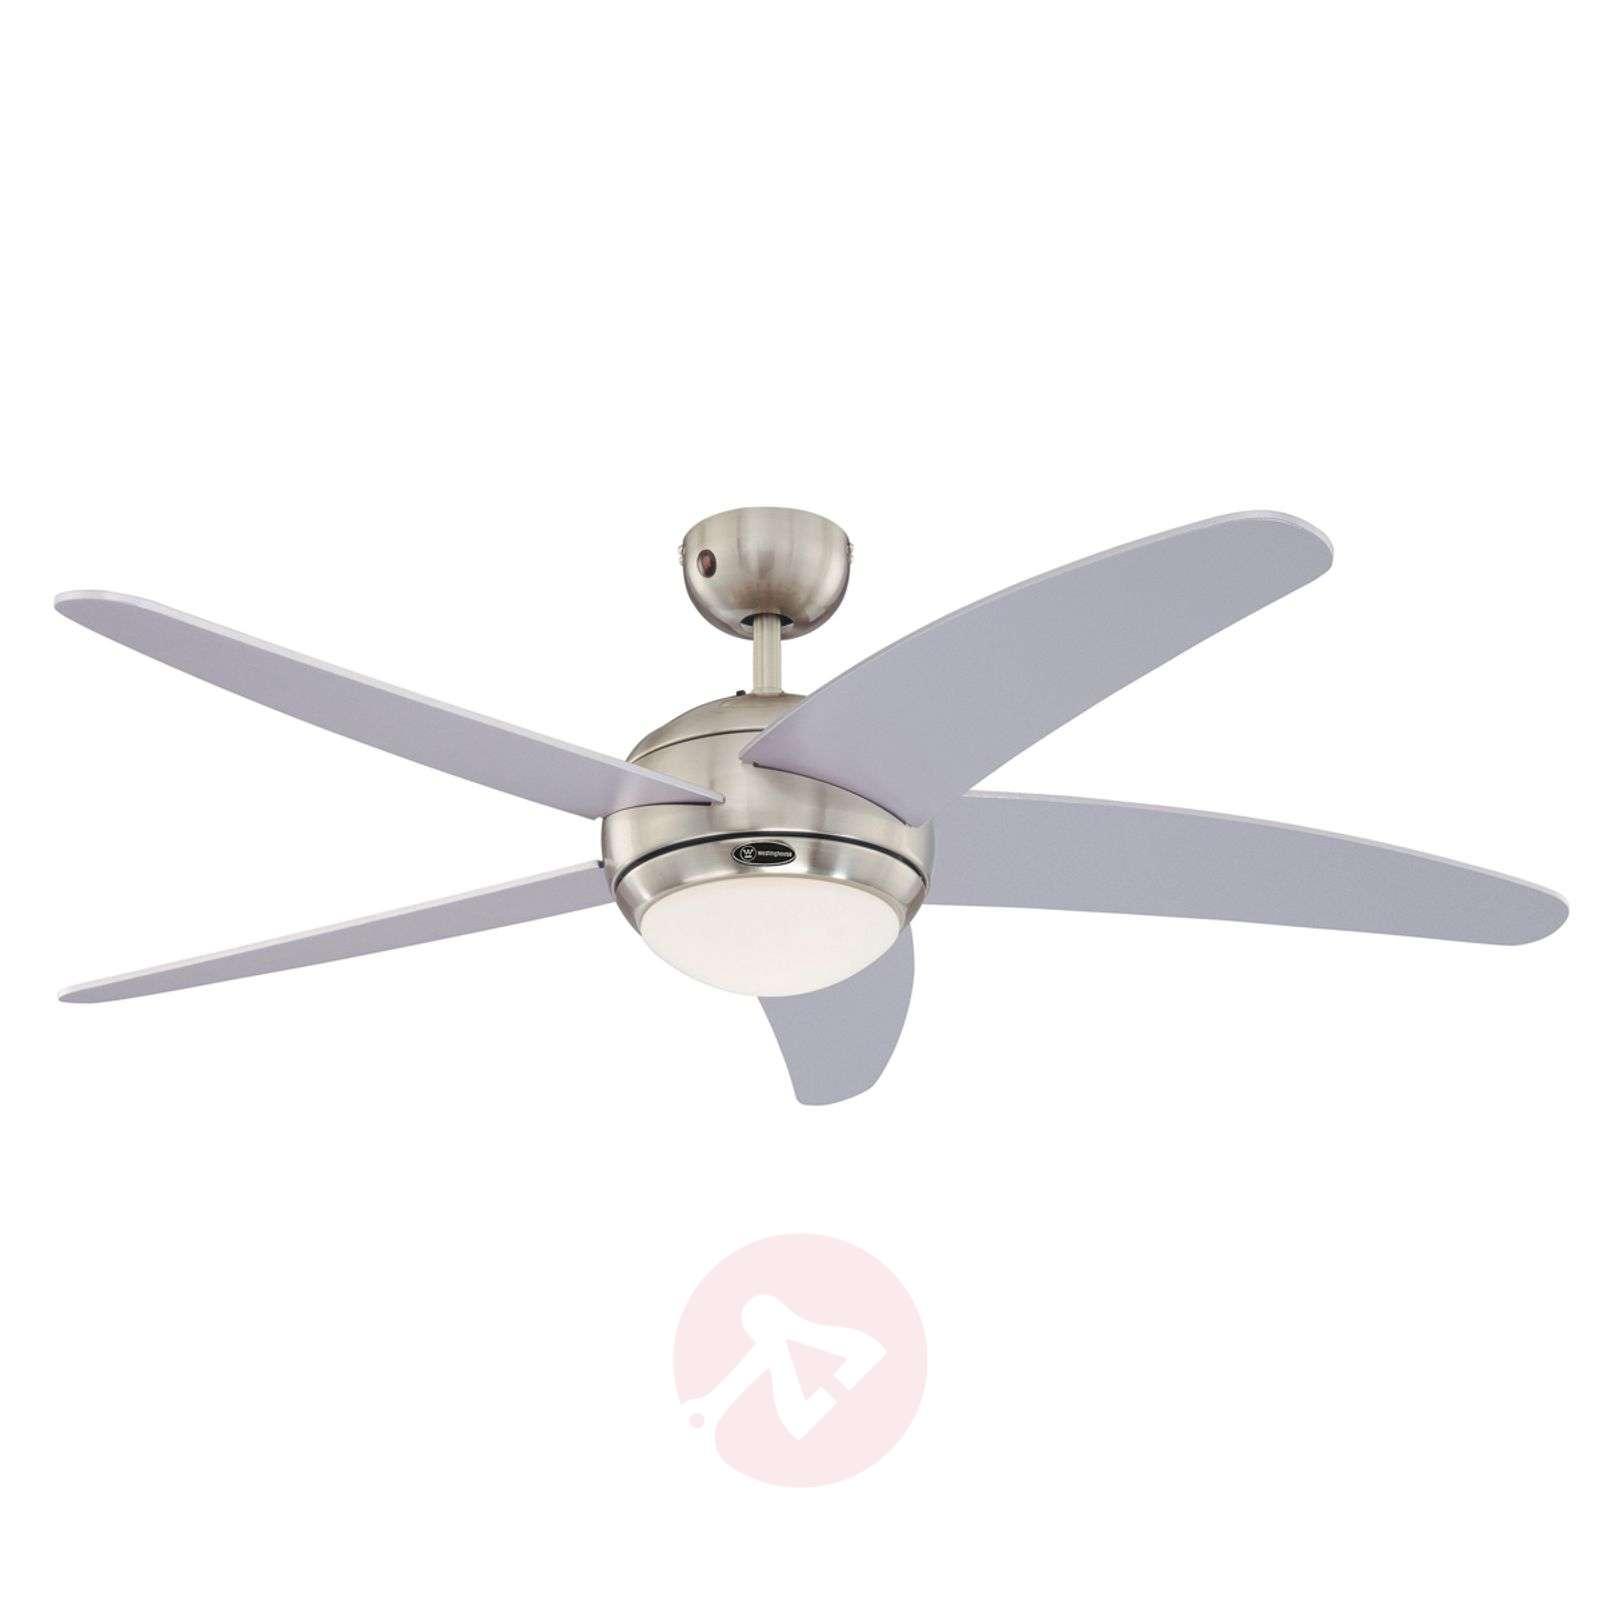 Bedan ceiling fan in silver with light-9602244-09